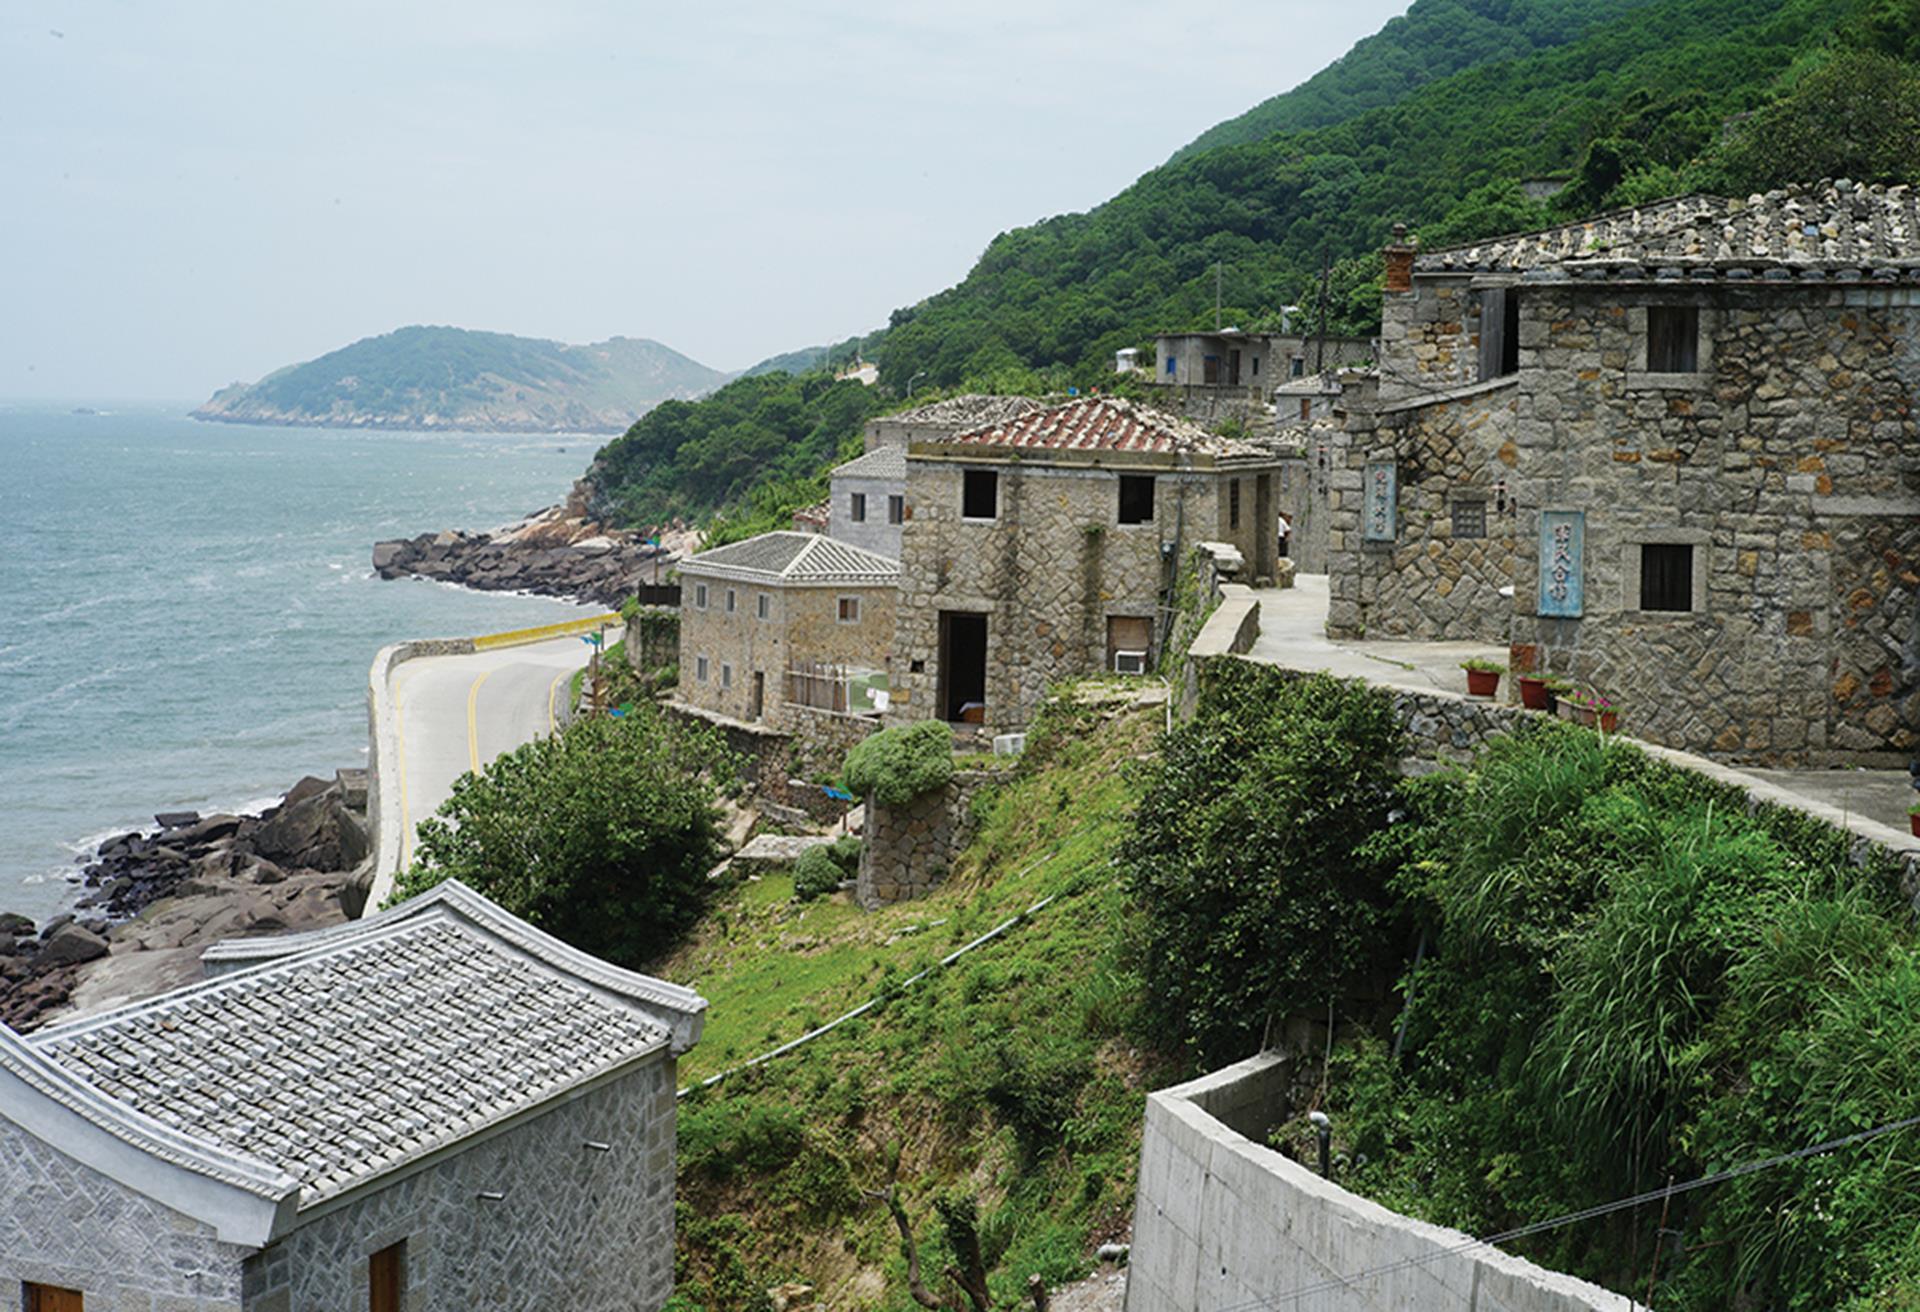 馬祖景點-芹壁聚落